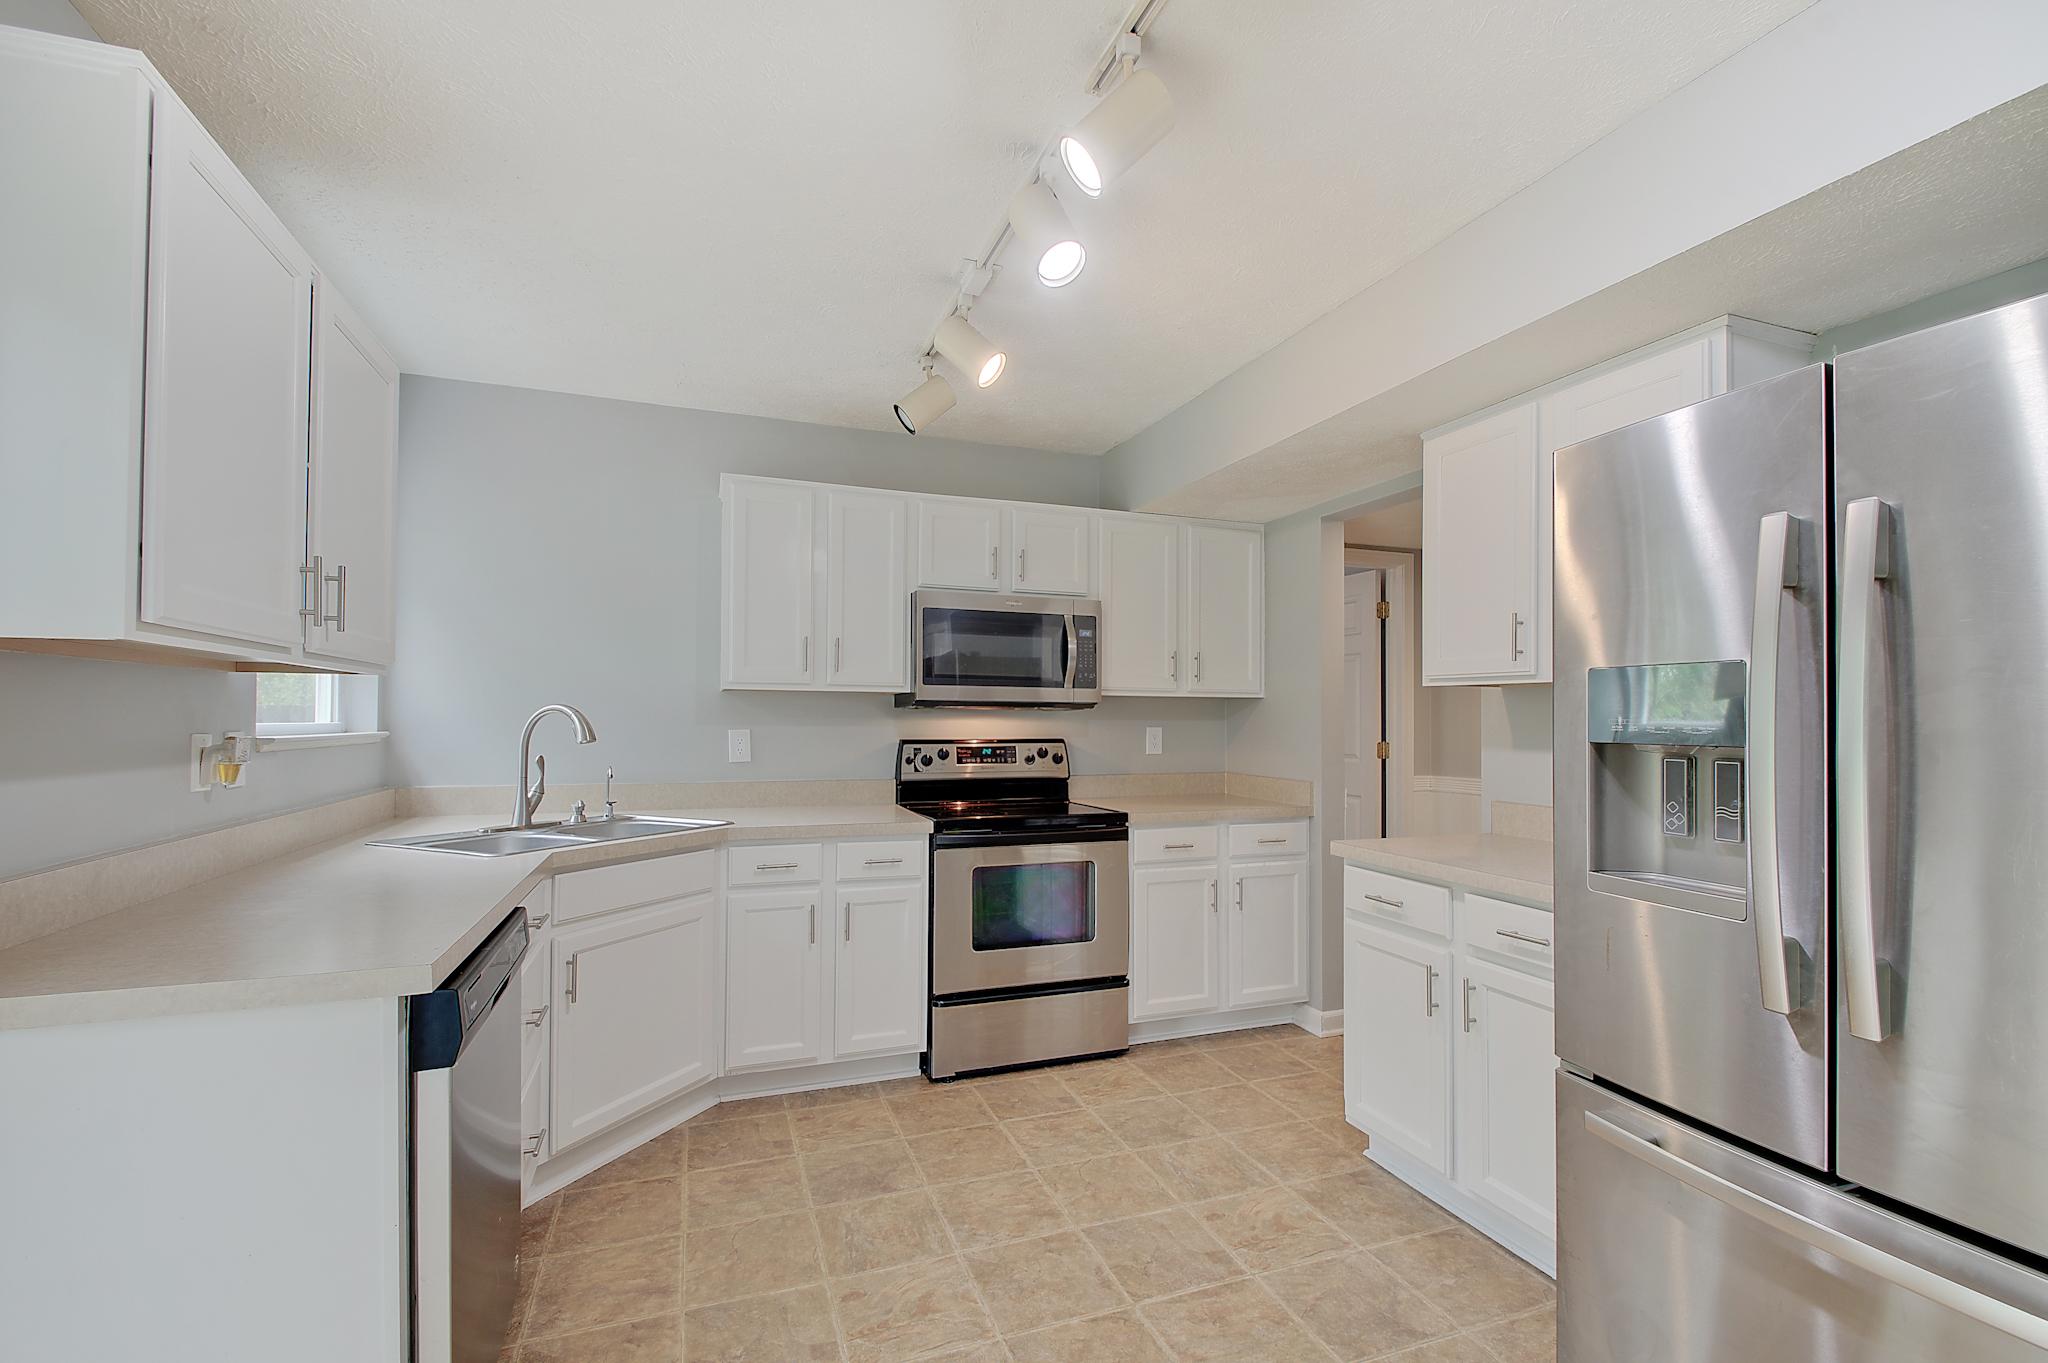 9-Kitchen-View-3.jpg